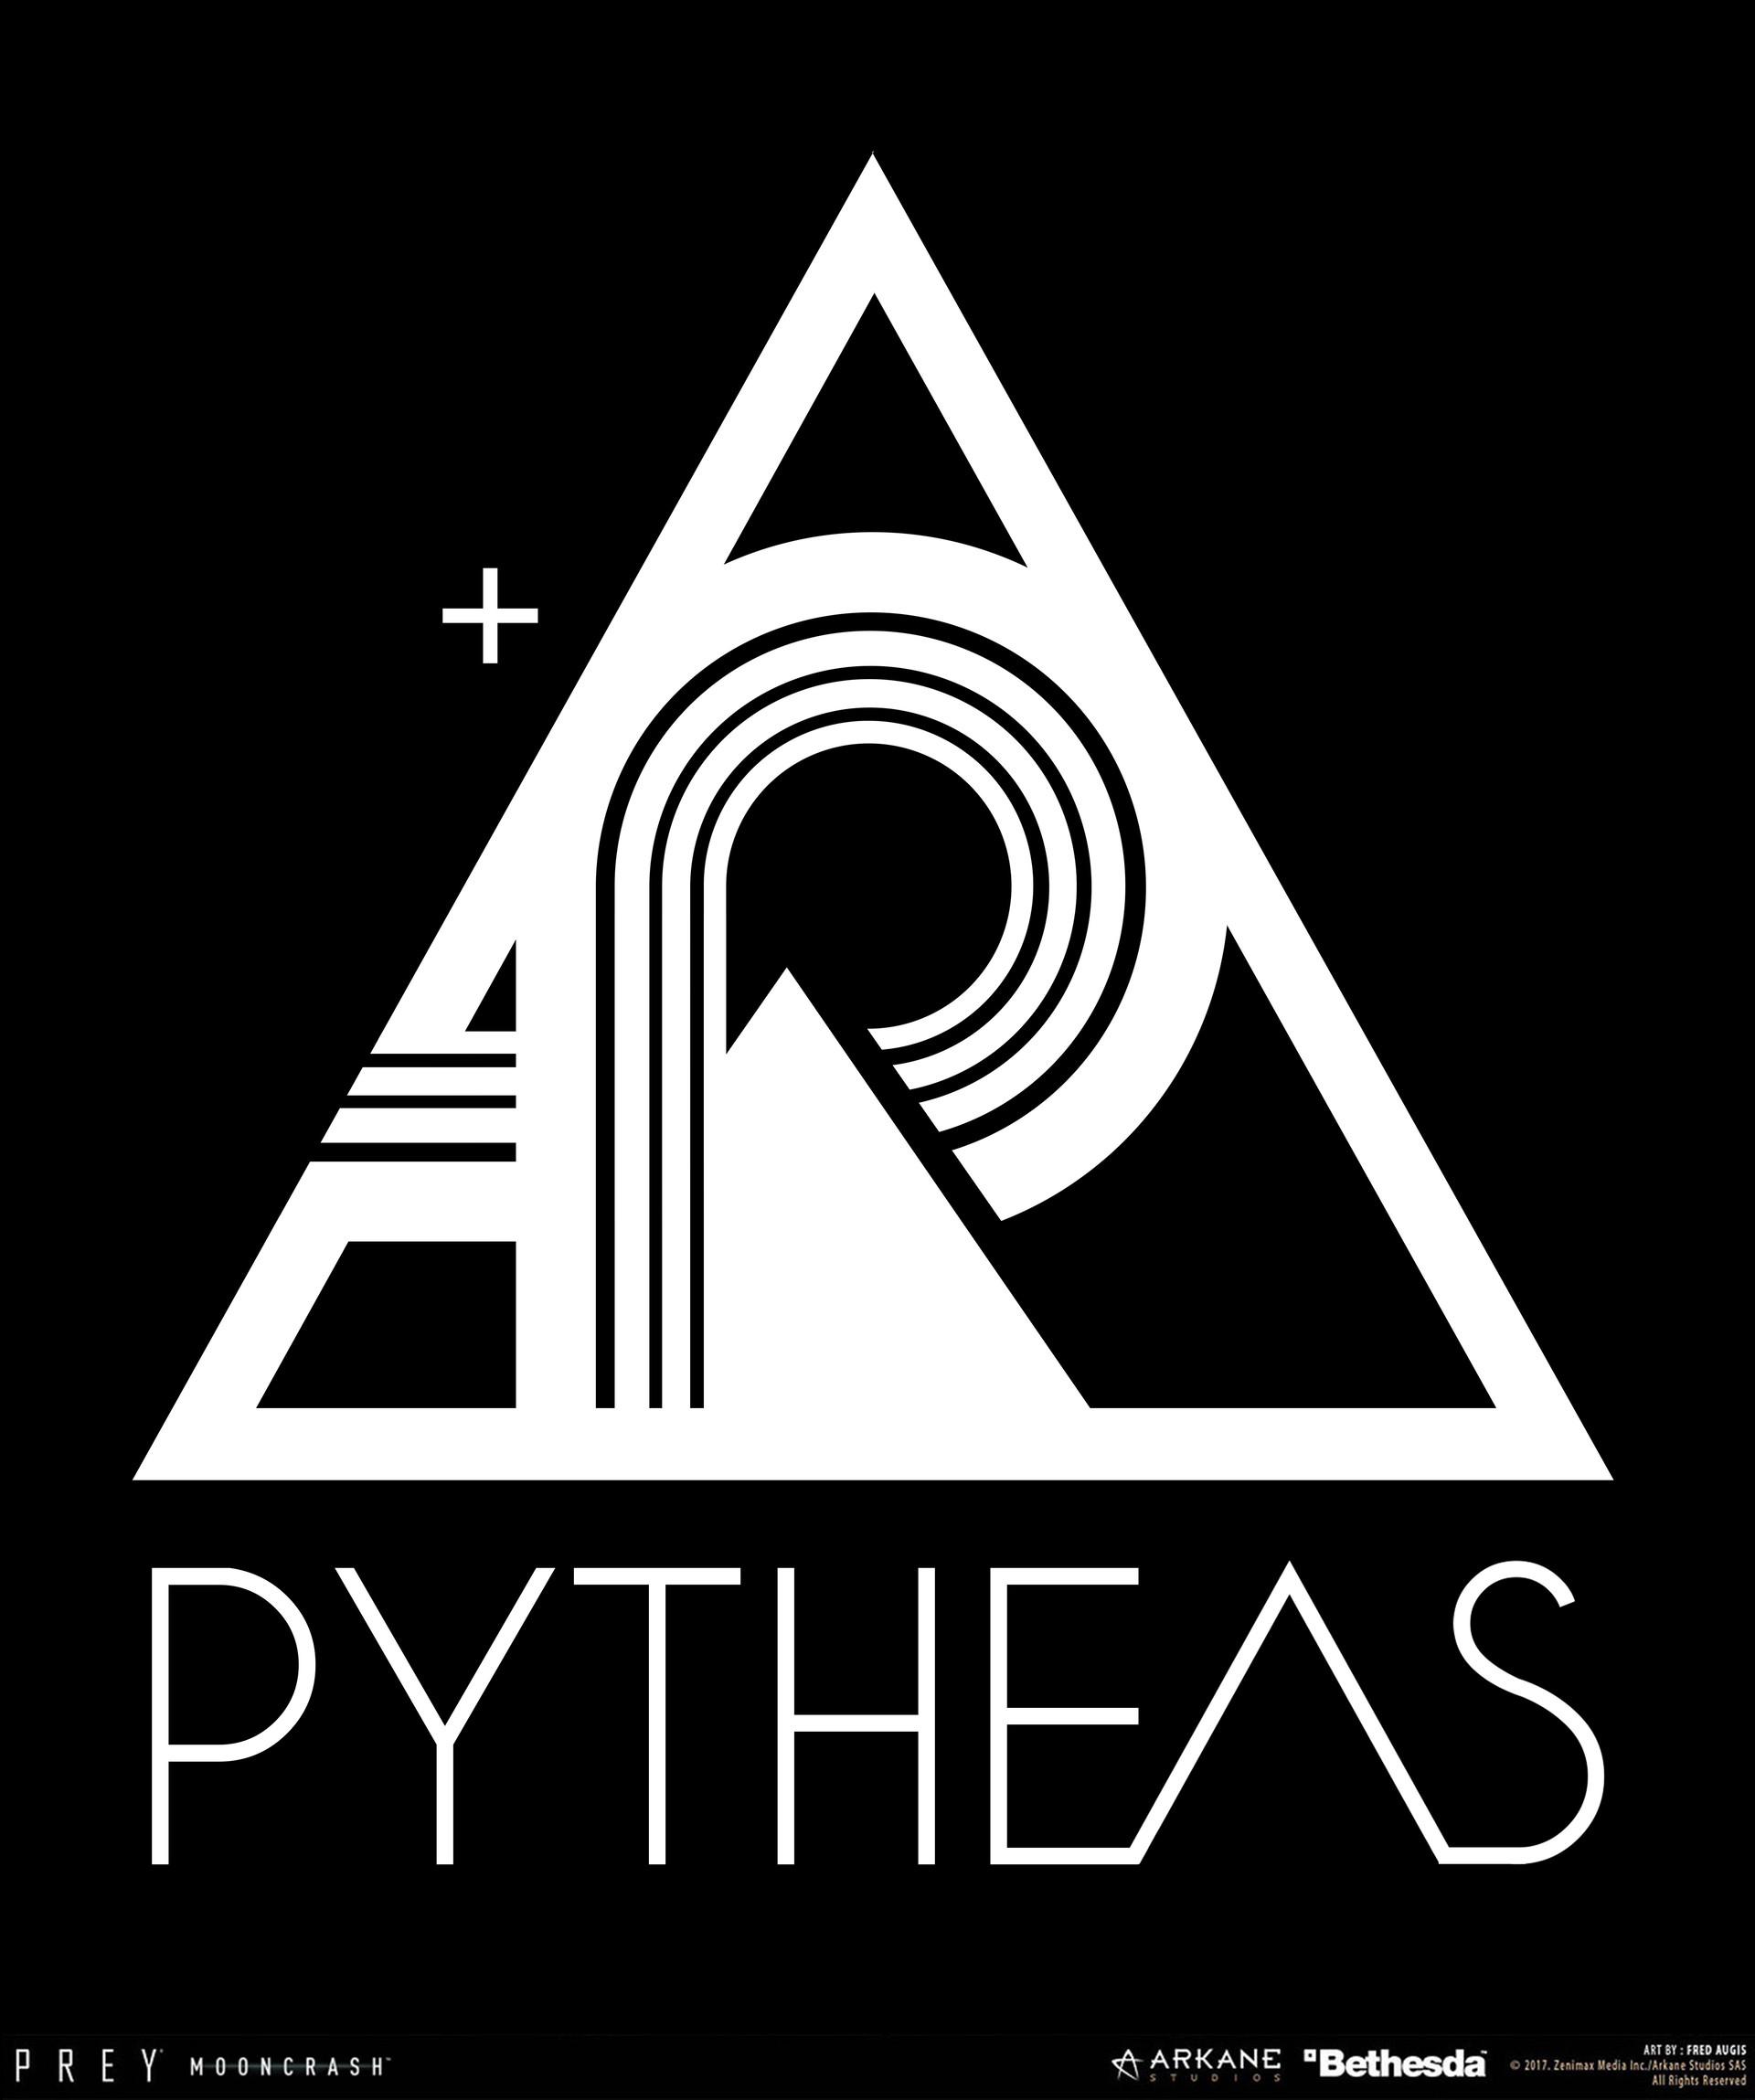 Fred augis phytheas logo